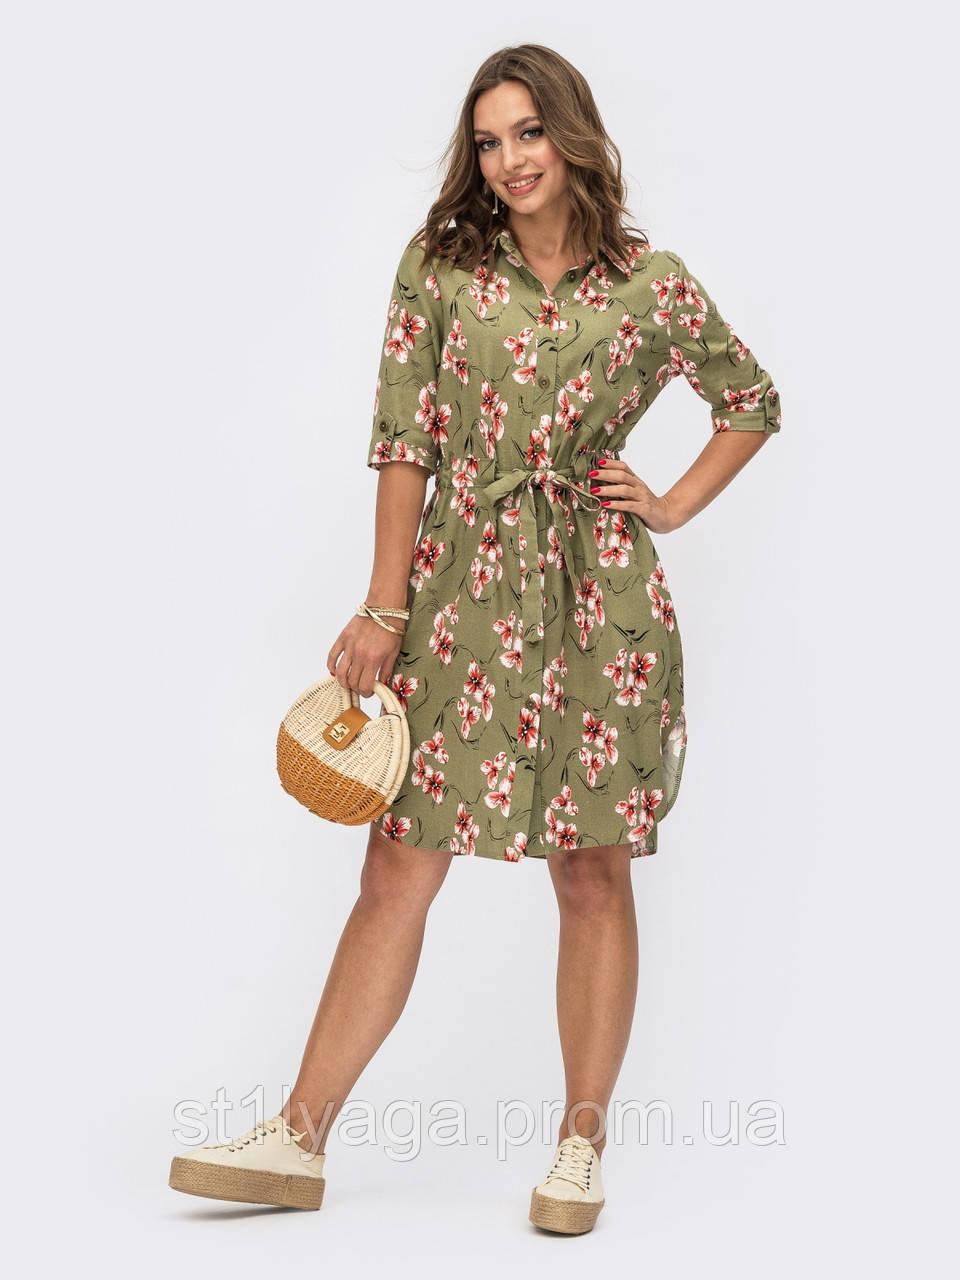 Платье-рубашка в цветочном принте из льна ЛЕТО